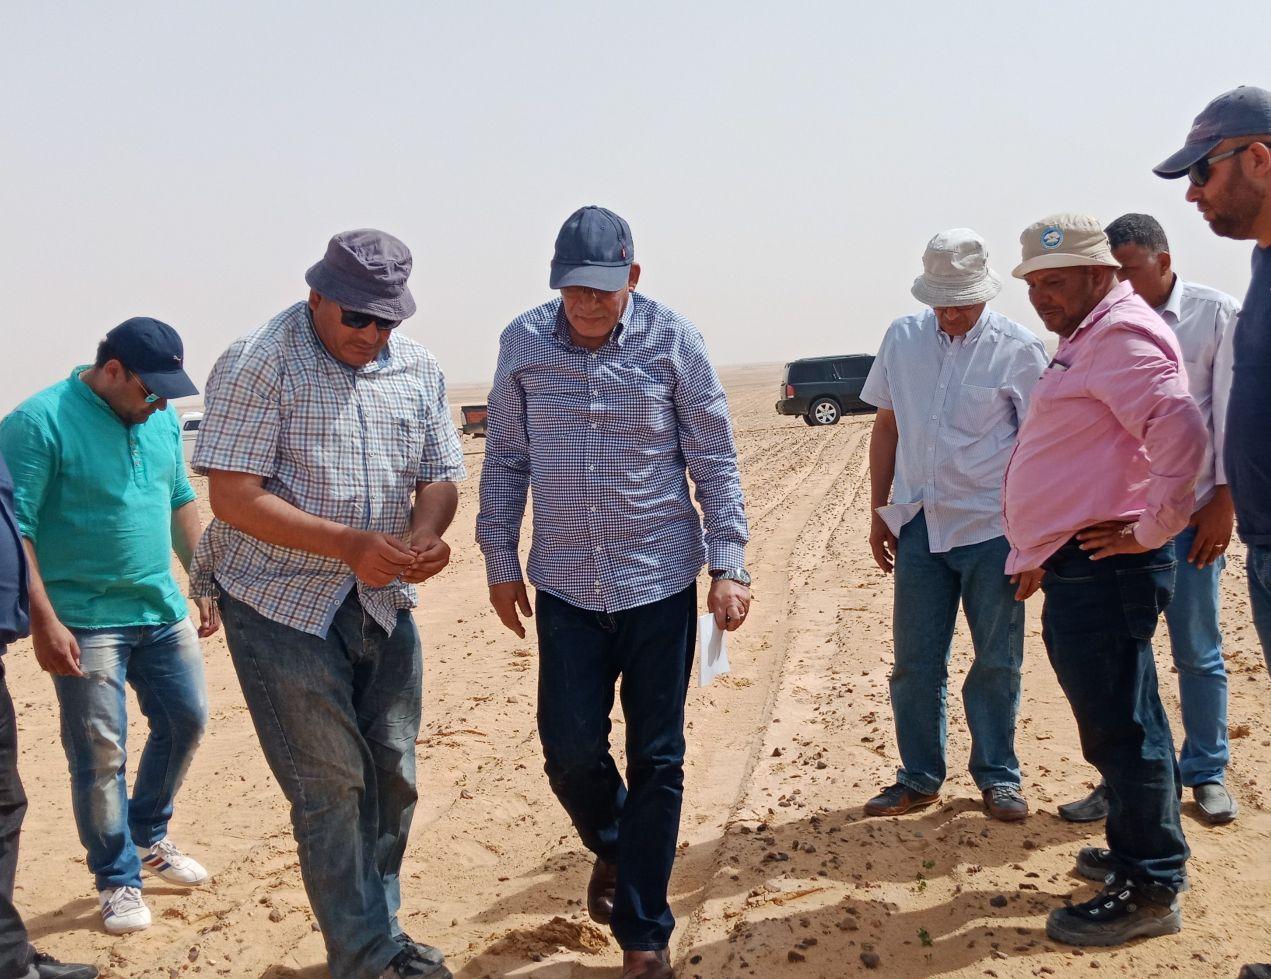 وزير الزراعة يتفقد أعمال مزرعة الـ 20 ألف فدان بغرب المنيا (5)